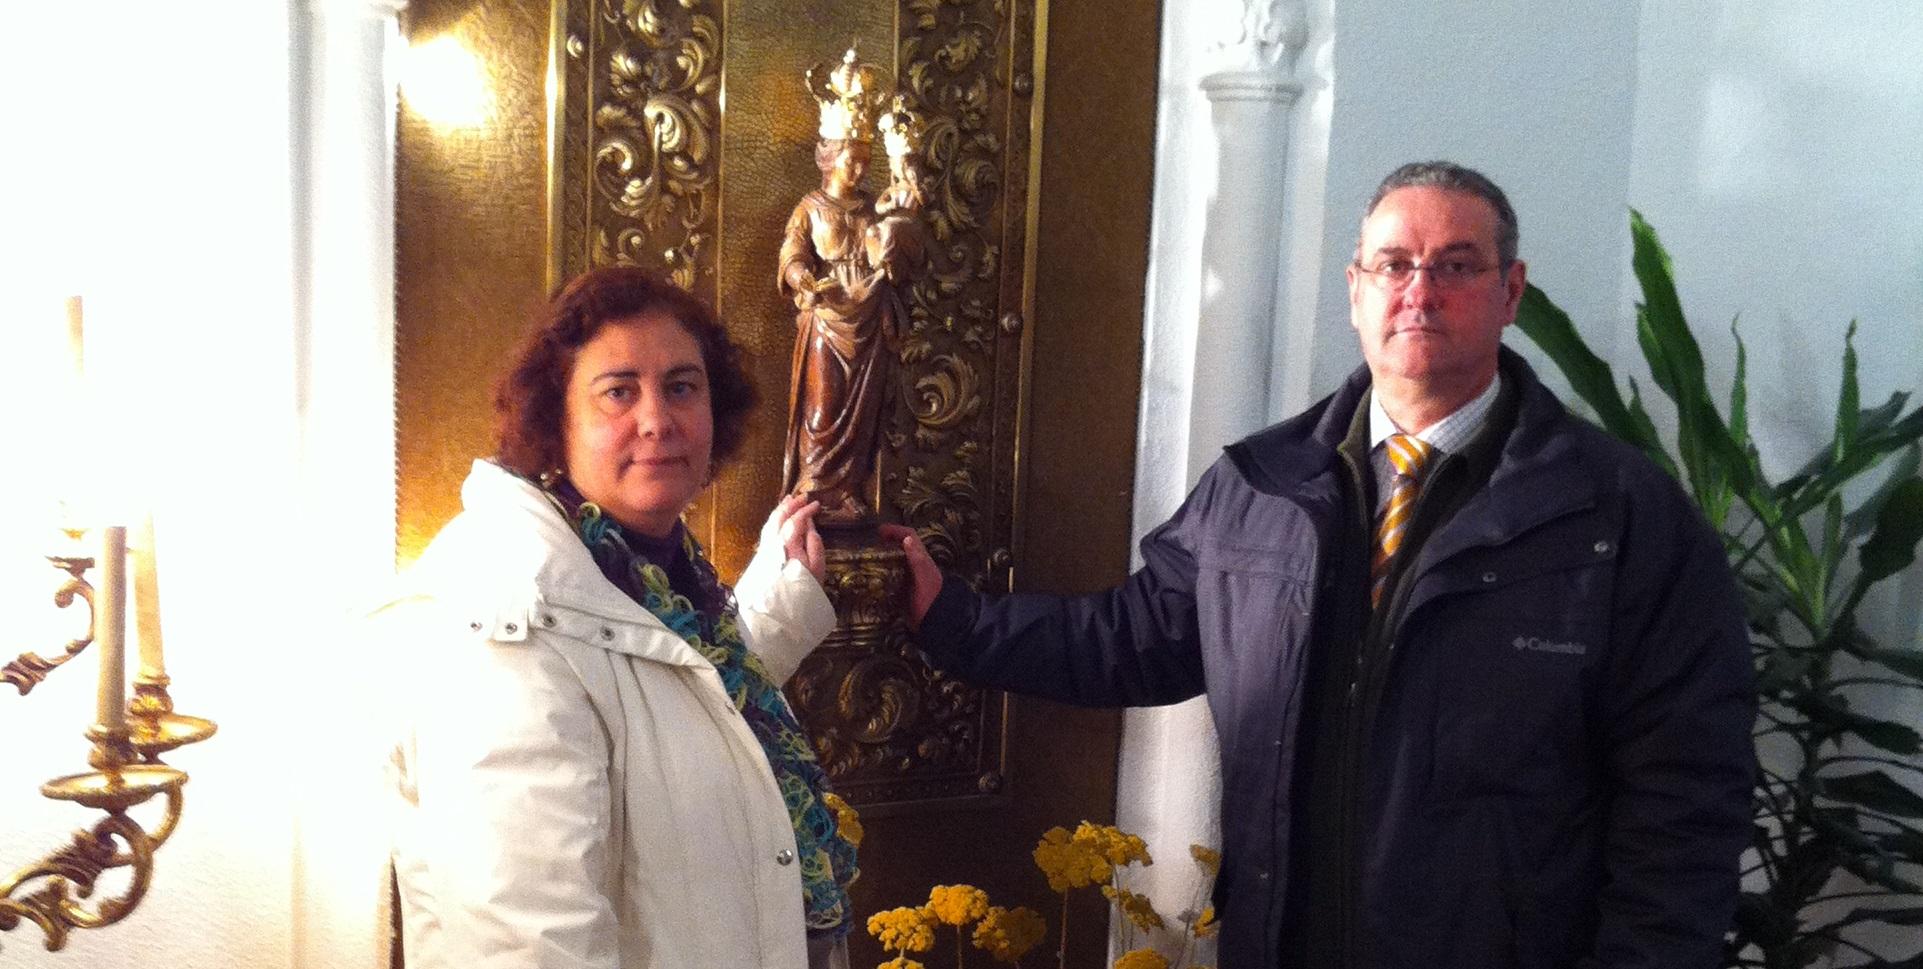 el diacono permanente de albacete javier sanchez con su esposa maria gloria muñoz